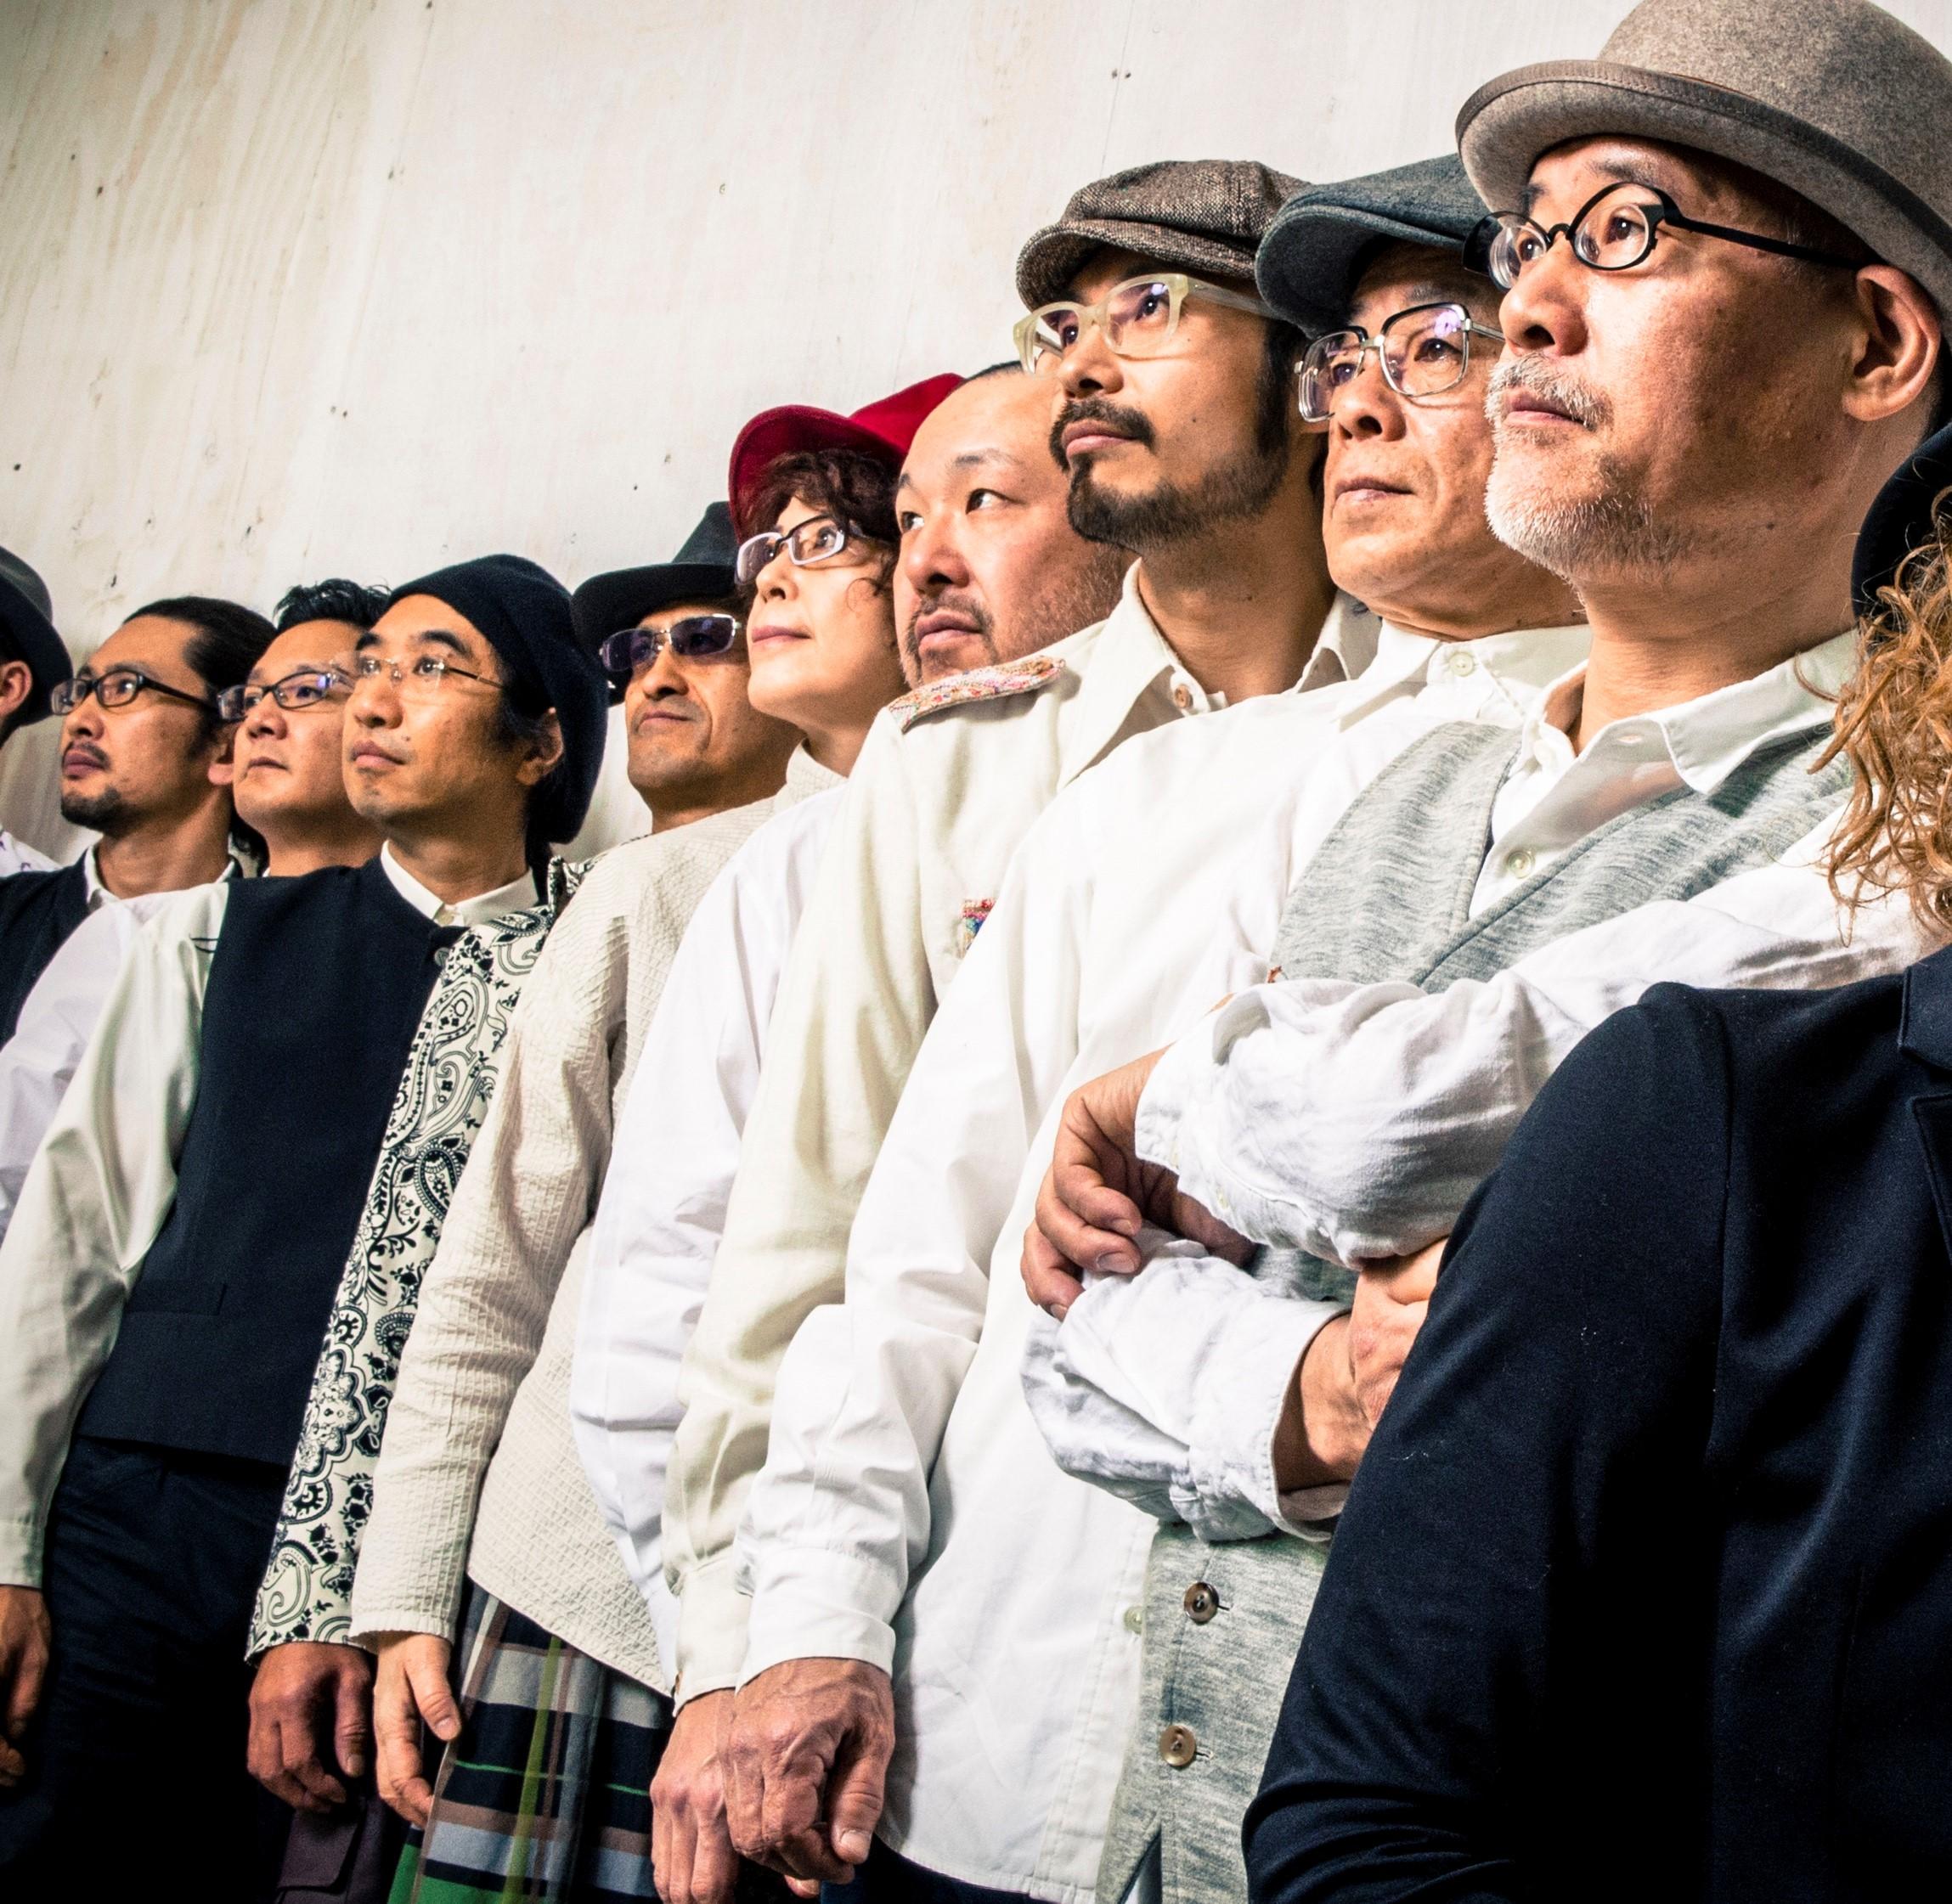 画像:Orquesta Libre + スガダイロー